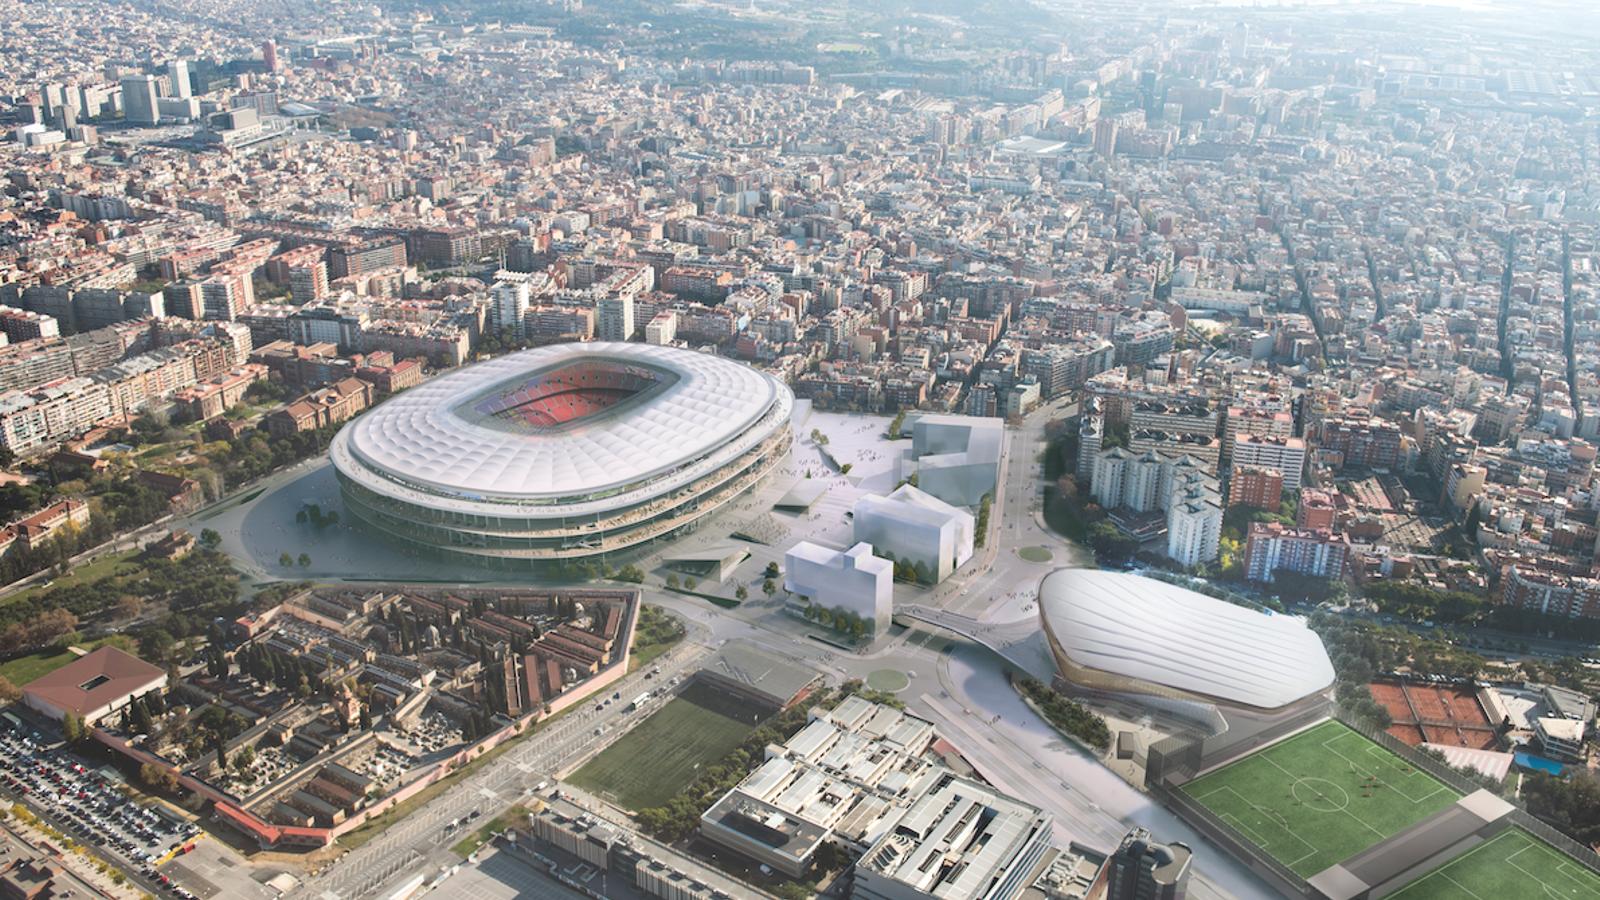 Imatge aèria del nou Camp Nou